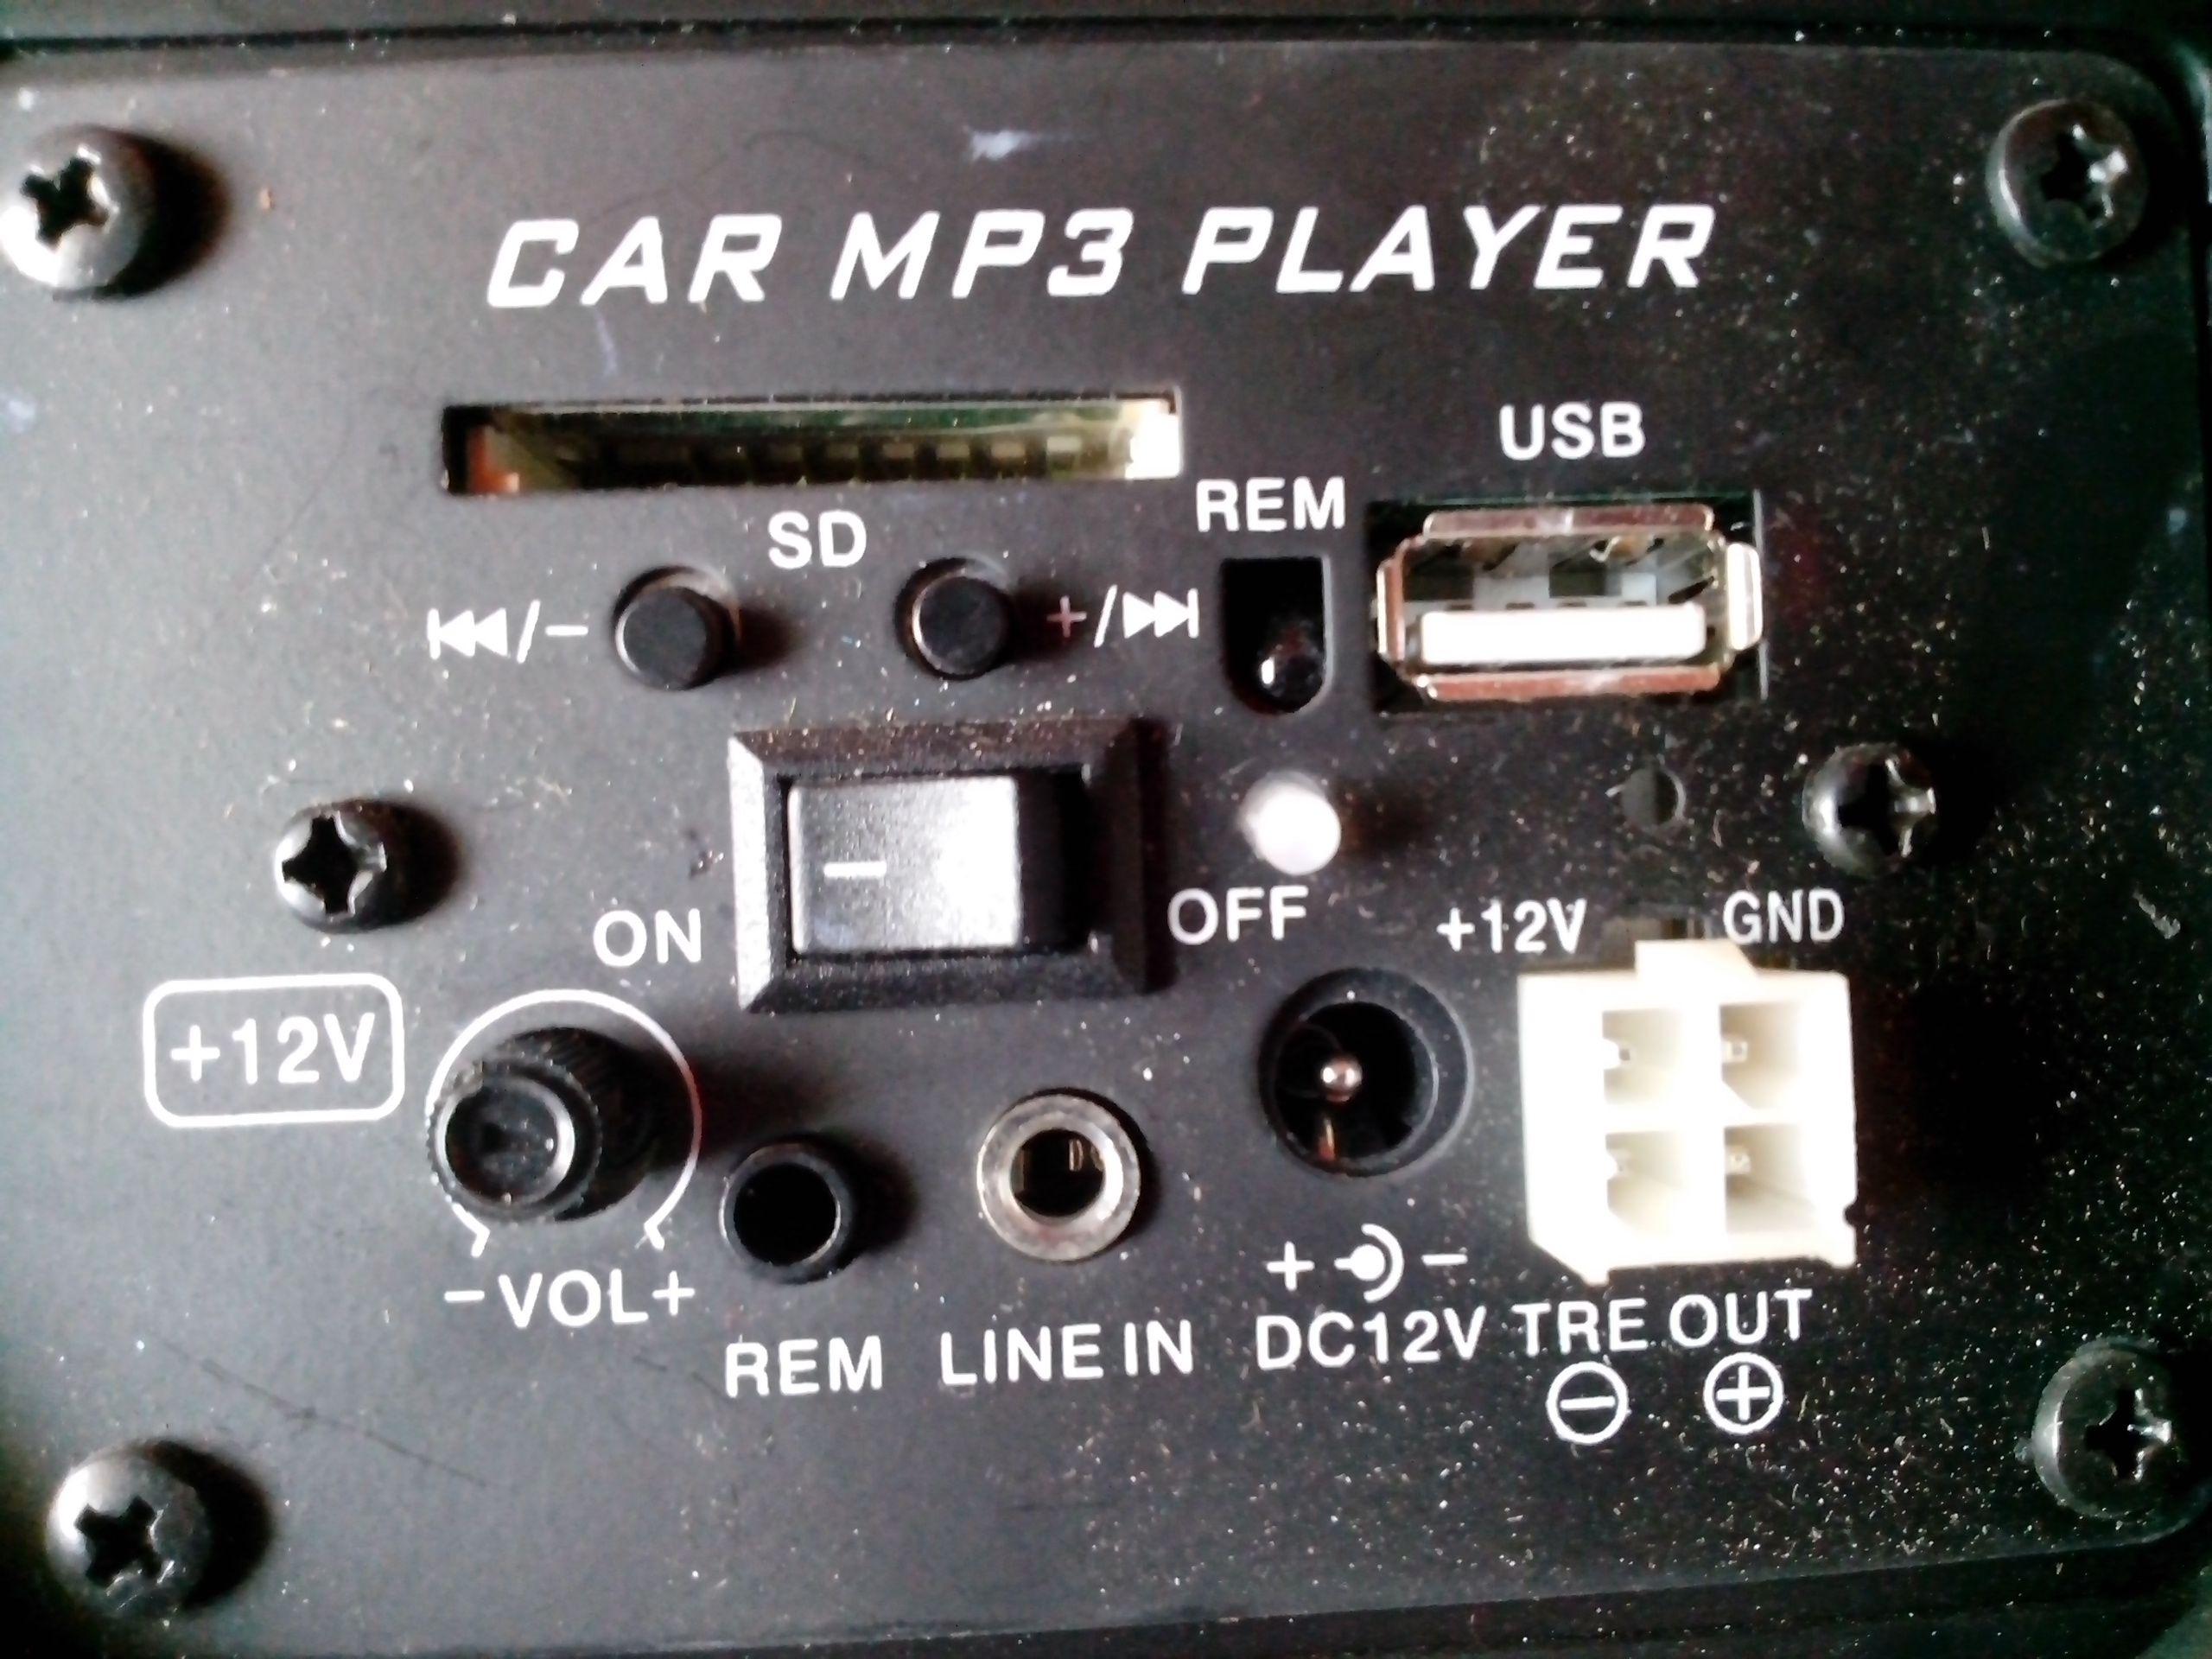 """低音炮   车载低音炮接家用电脑   """"车载低音炮接线图解 车载高清图片"""